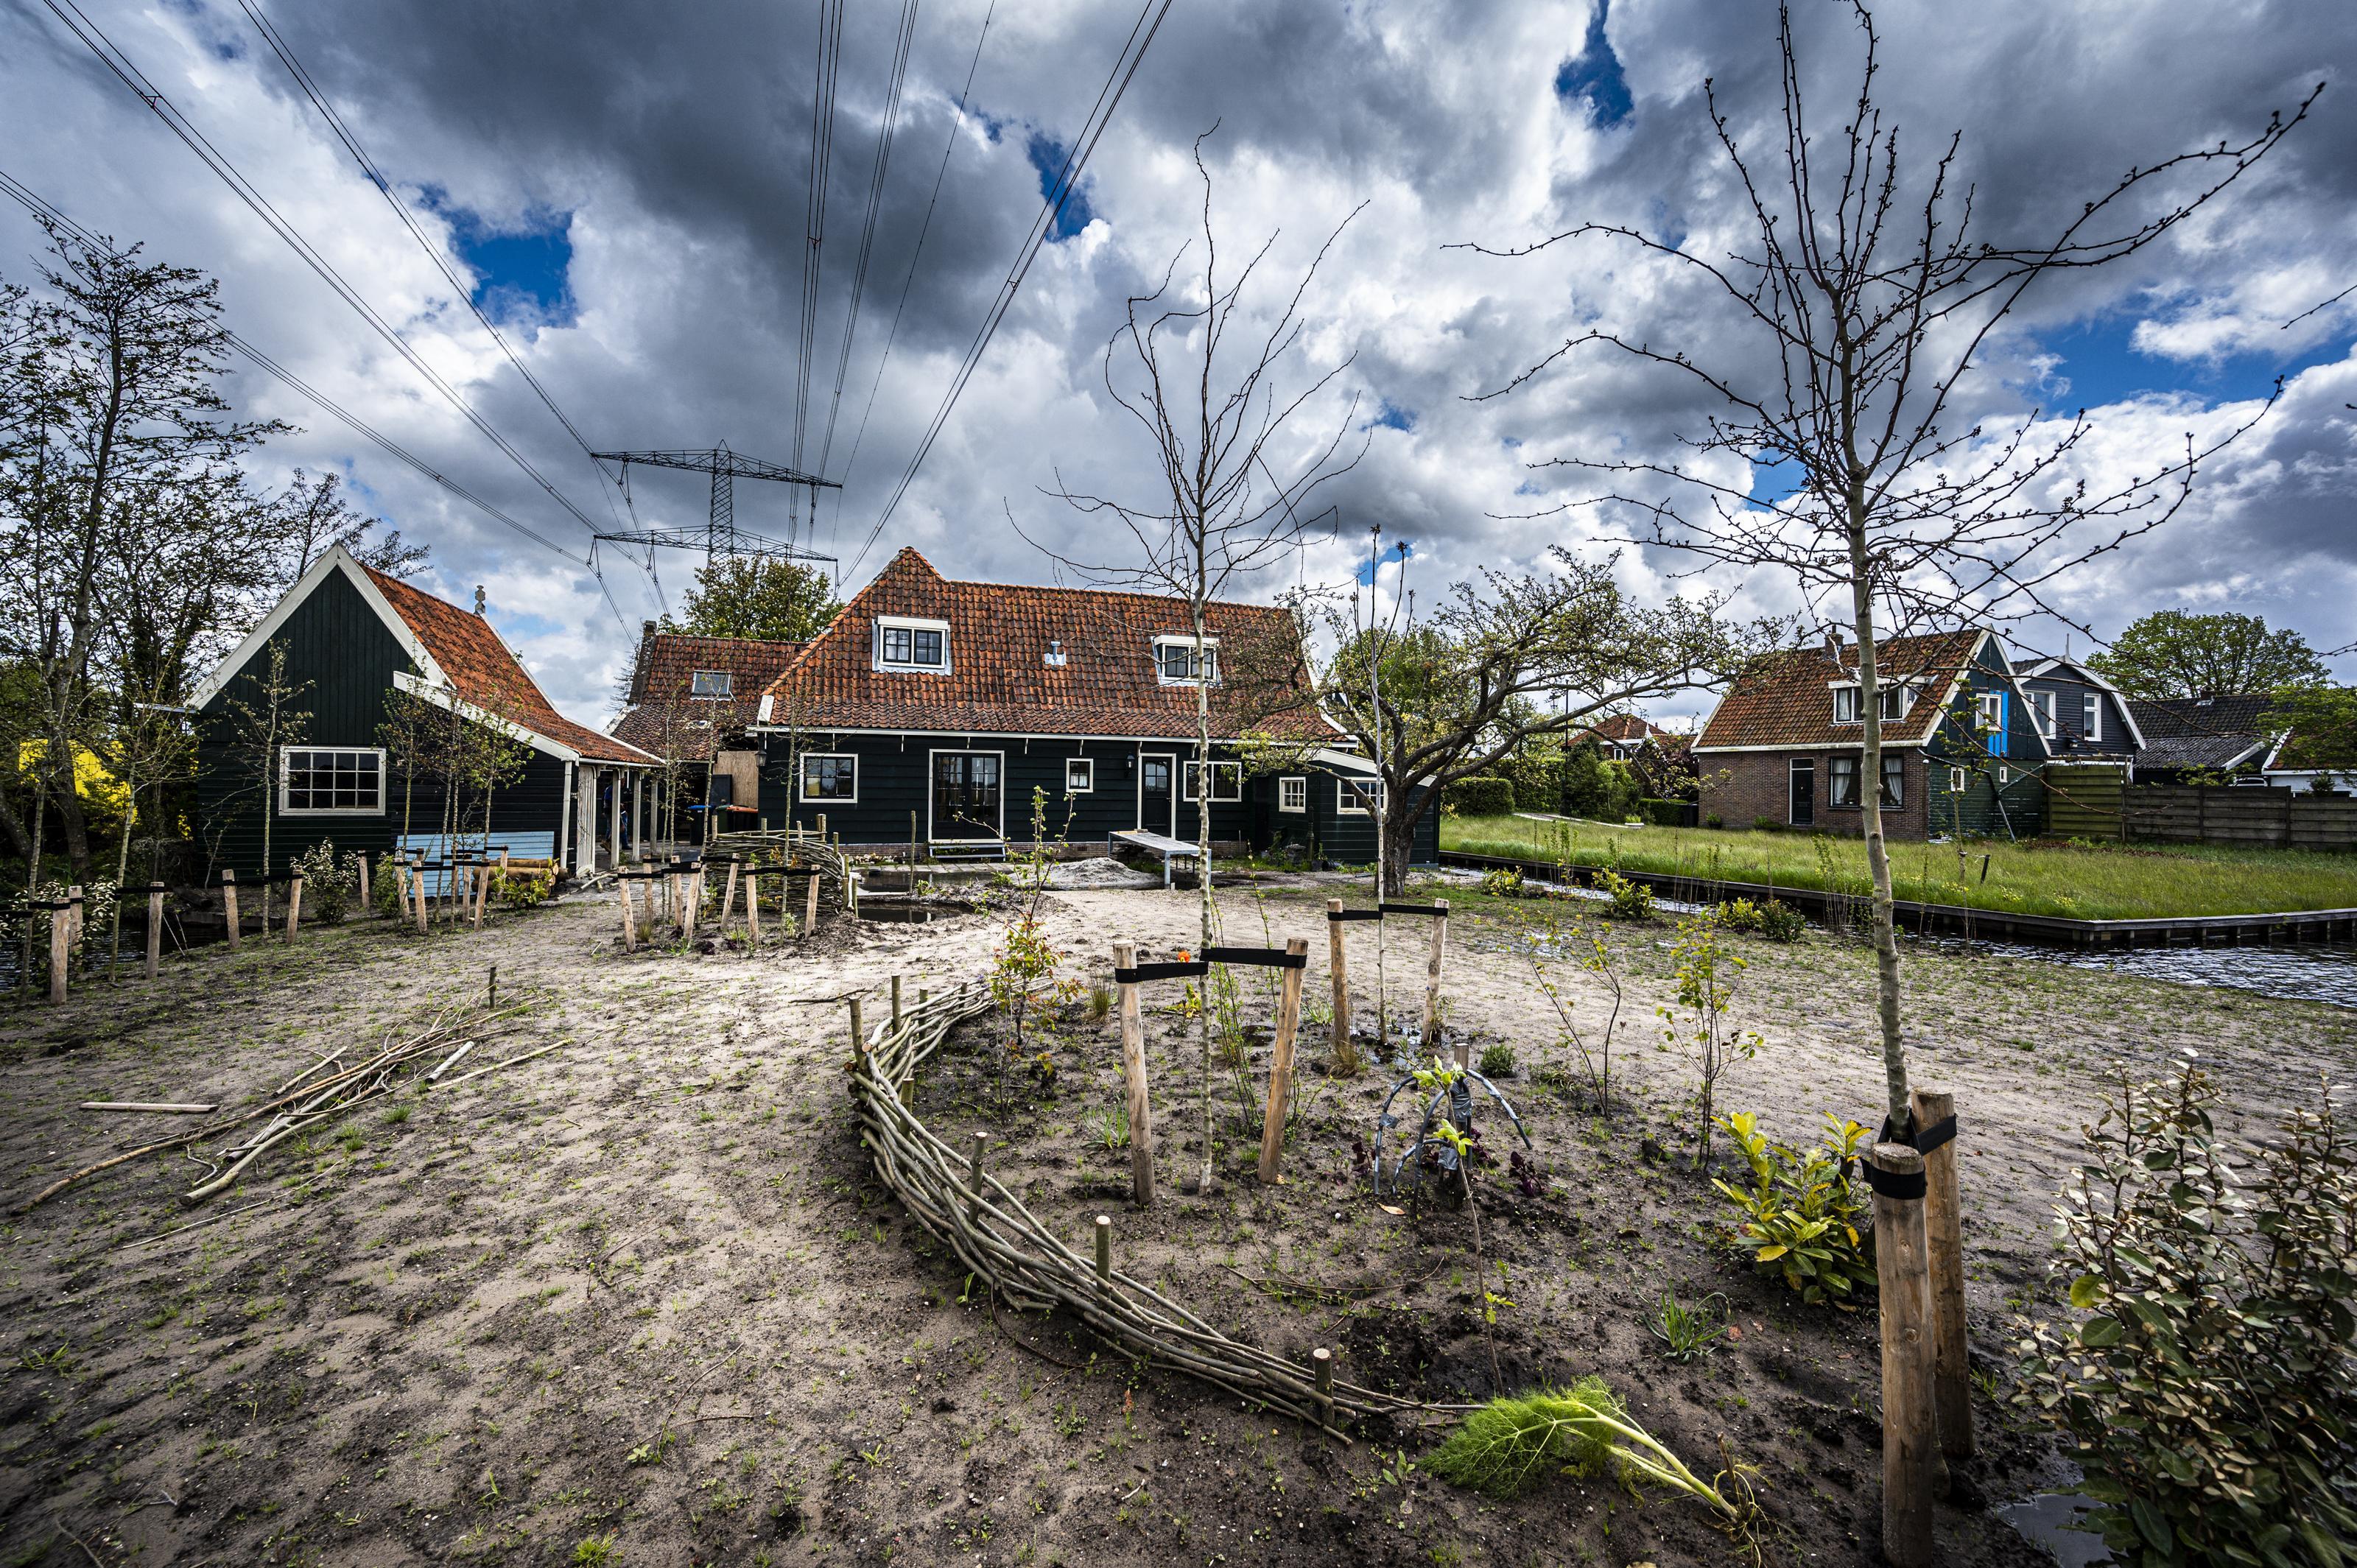 Vondst bruinrot in oude bakkerij Tarweakker tegenvaller voor lunchroom Jongwijs. 'Opening picknicktuin niet in gevaar'